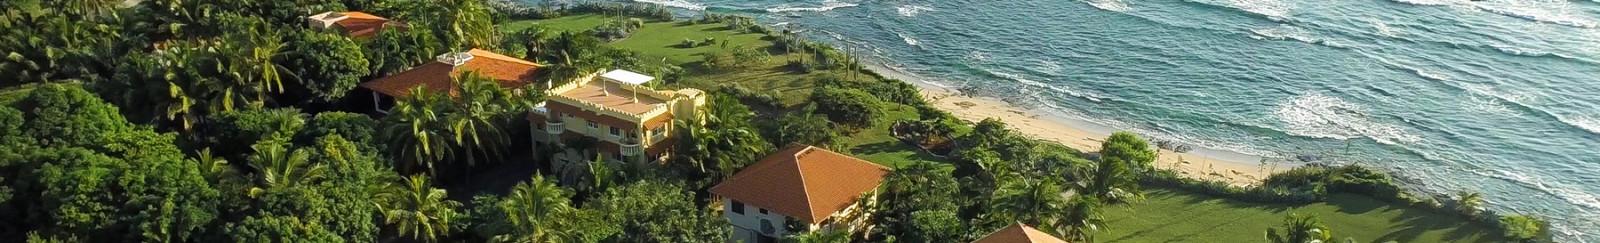 Playa Negra Real Estate